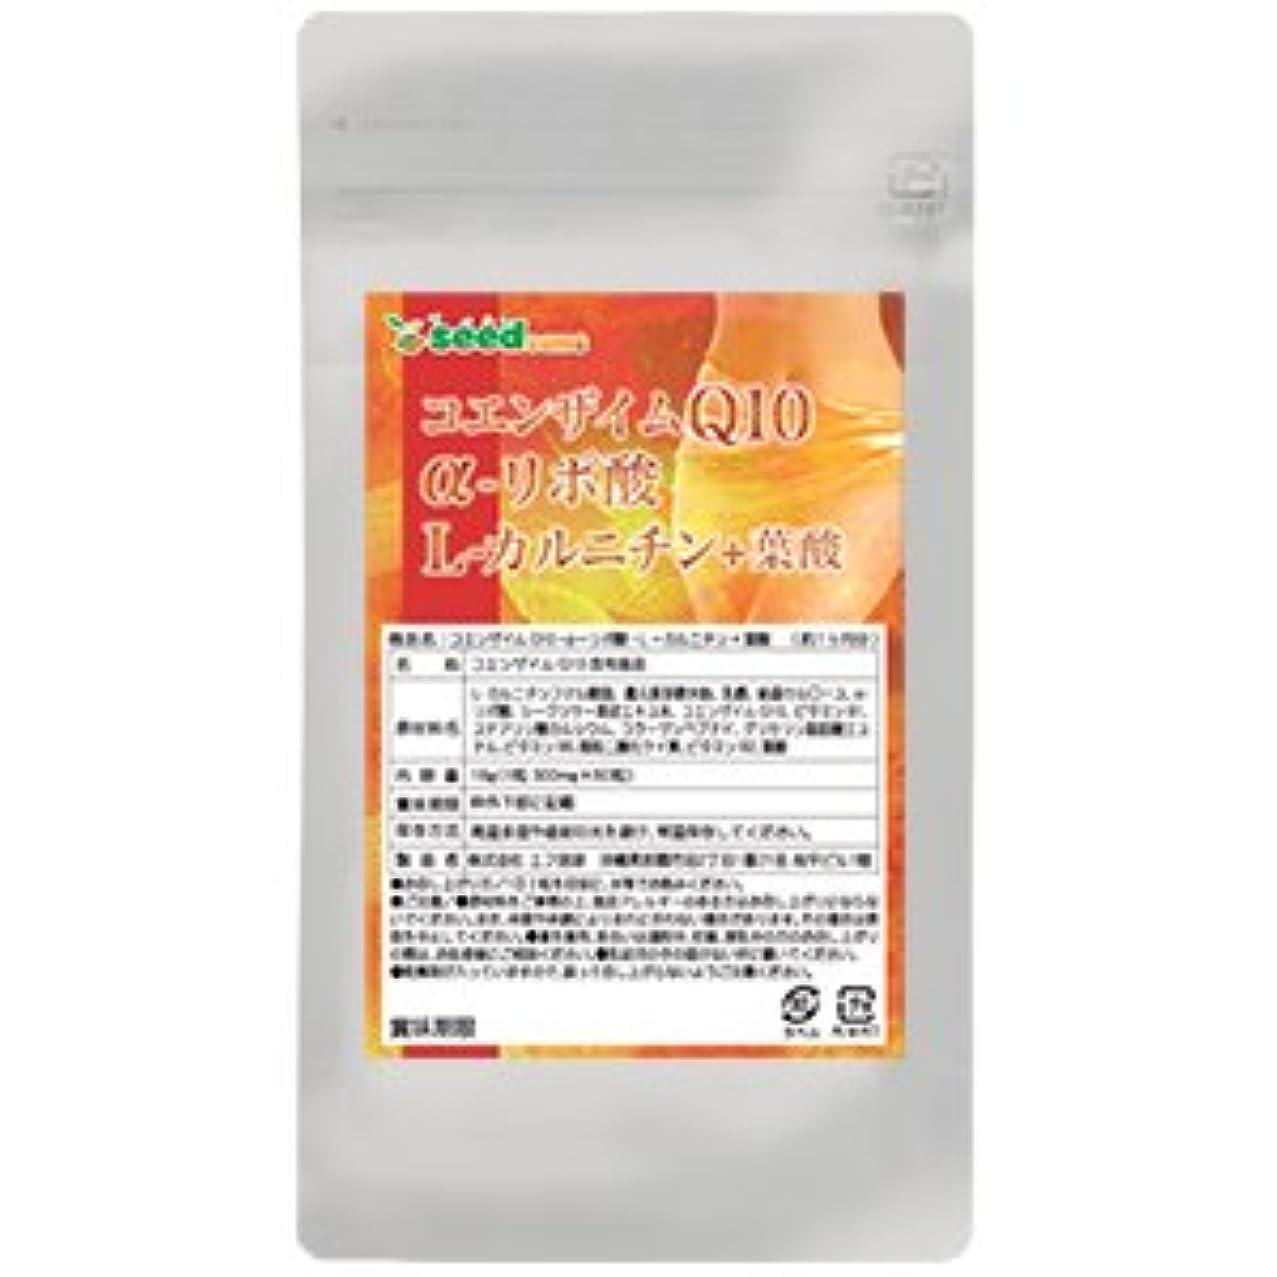 プランター生物学アレンジコエンザイムQ10 α-リポ酸 L-カルニチン + 葉酸 (約3ヶ月分/180粒) シークワーサーエキス配合